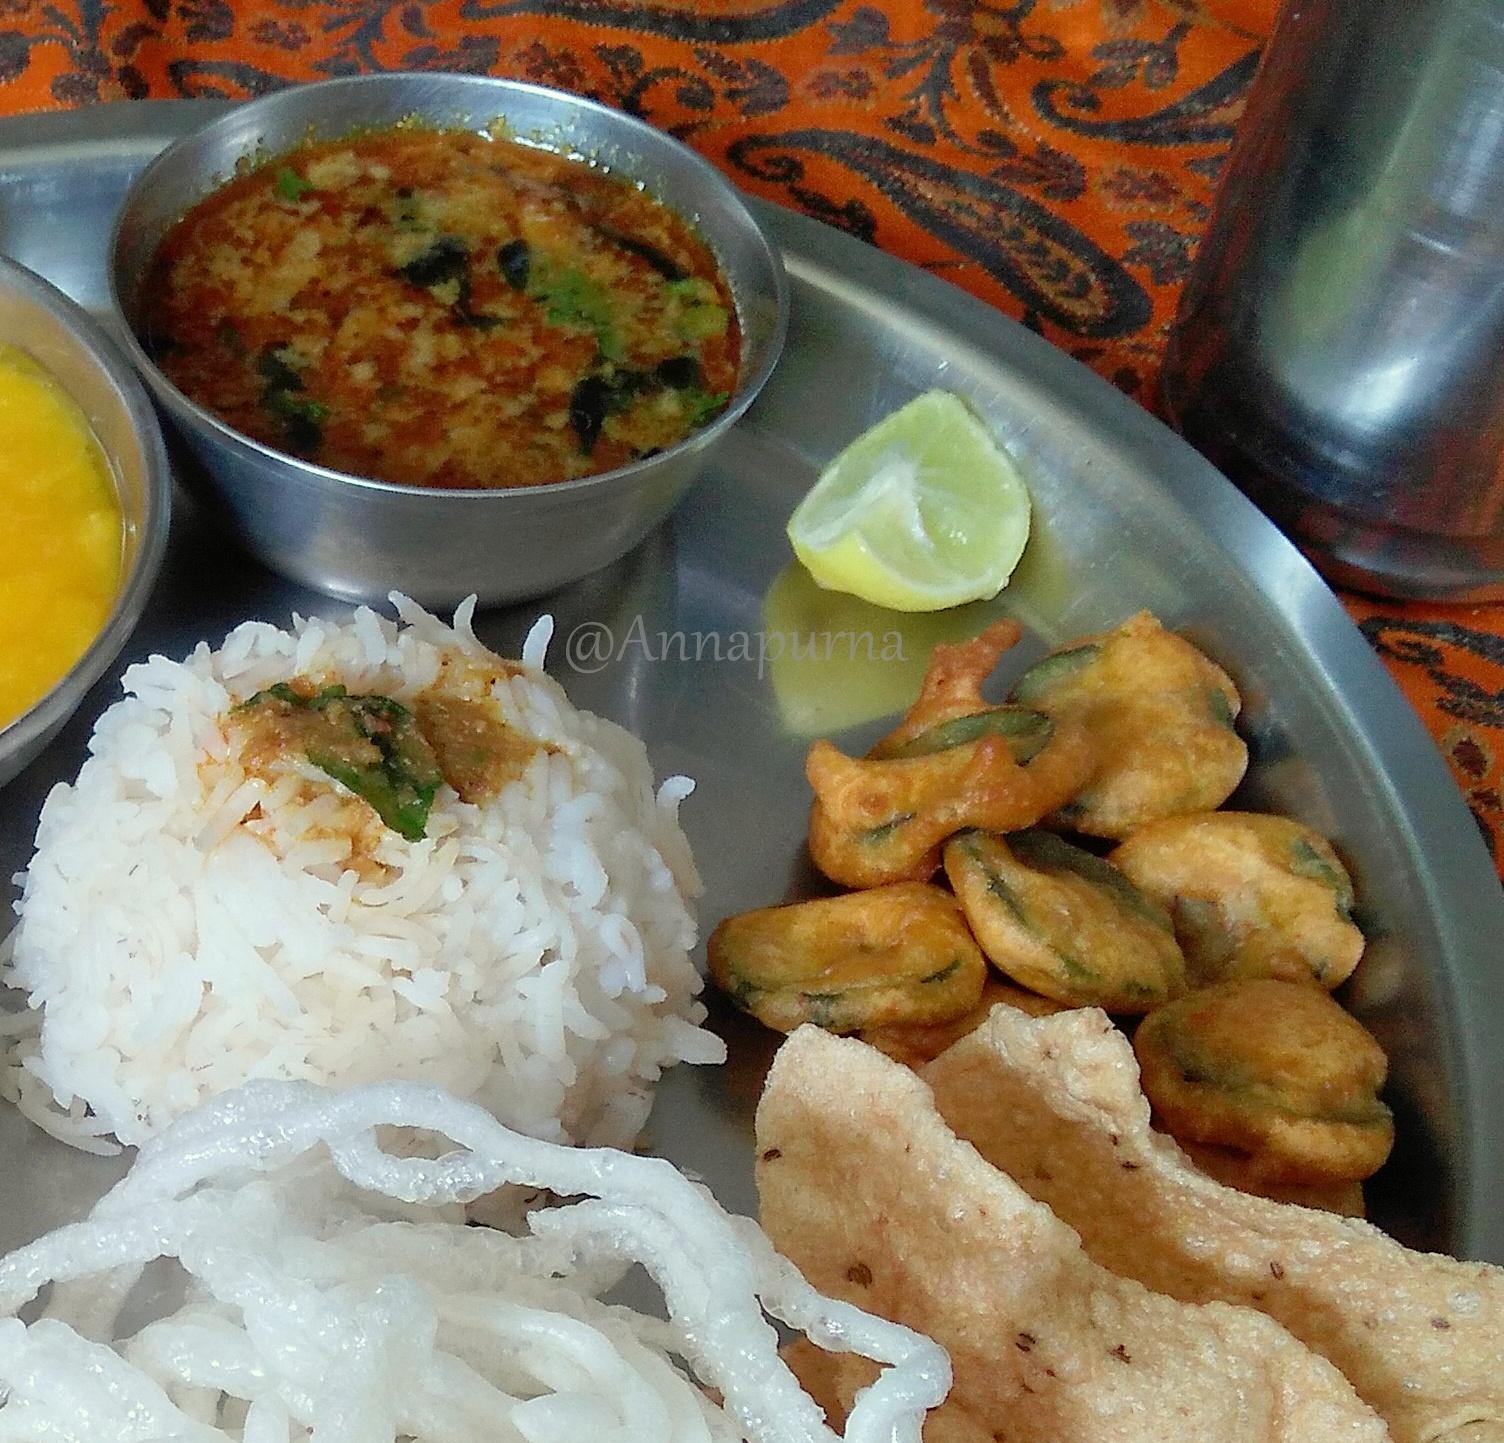 Annapurna akshaya tritiya naivedhyam thali for Annapurna cuisine